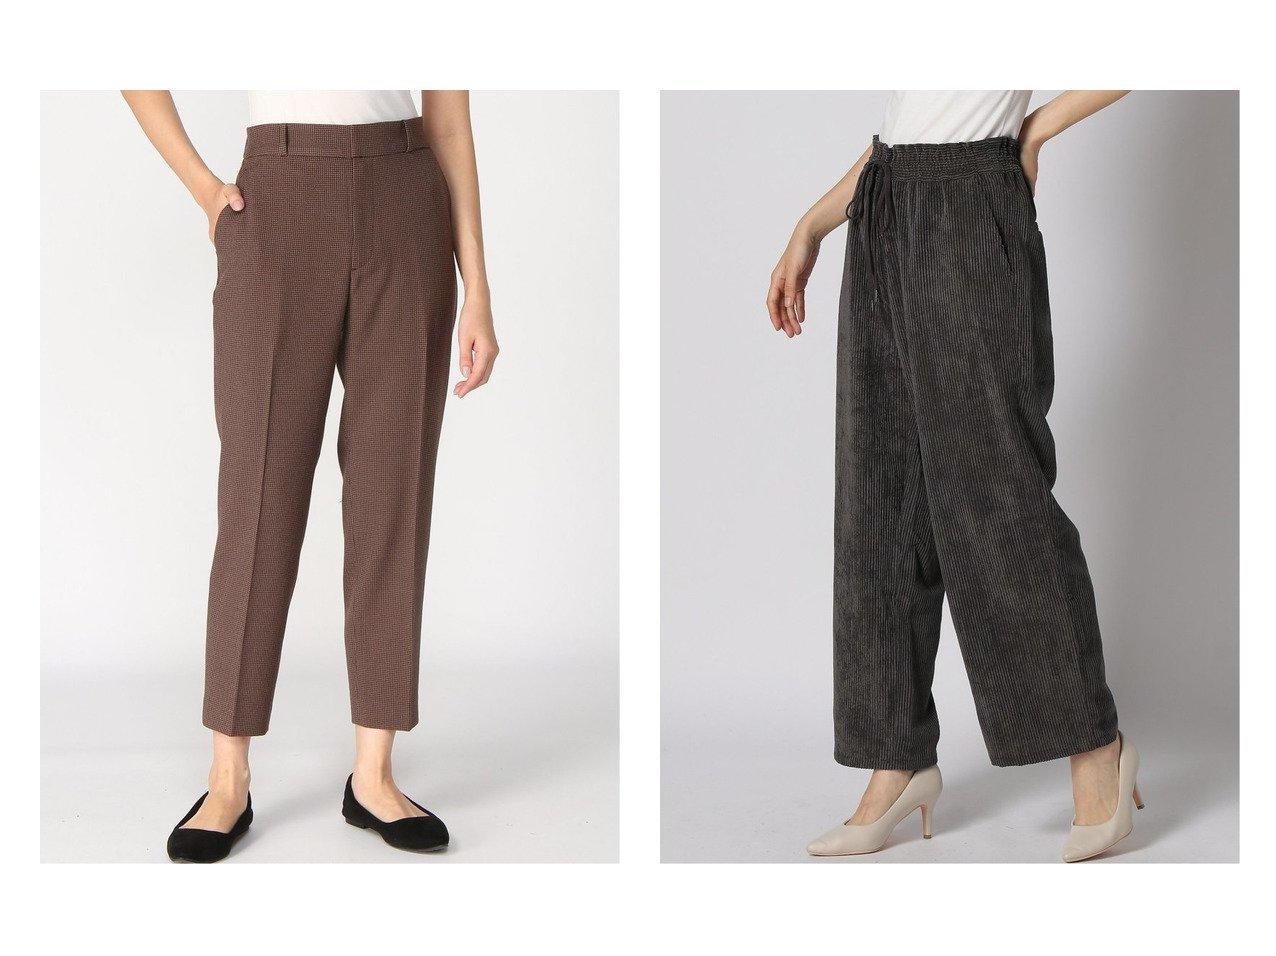 【studio CLIP/スタディオ クリップ】のケアラクコーデュロイPT&【GLOBAL WORK/グローバルワーク】のウールライクスティックPT+D パンツのおすすめ!人気、レディースファッションの通販 おすすめで人気のファッション通販商品 インテリア・家具・キッズファッション・メンズファッション・レディースファッション・服の通販 founy(ファニー) https://founy.com/ ファッション Fashion レディース WOMEN パンツ Pants ギャザー クロップド ジャケット ジーンズ ストレッチ スリム コーデュロイ フリル ワイド  ID:crp329100000001446